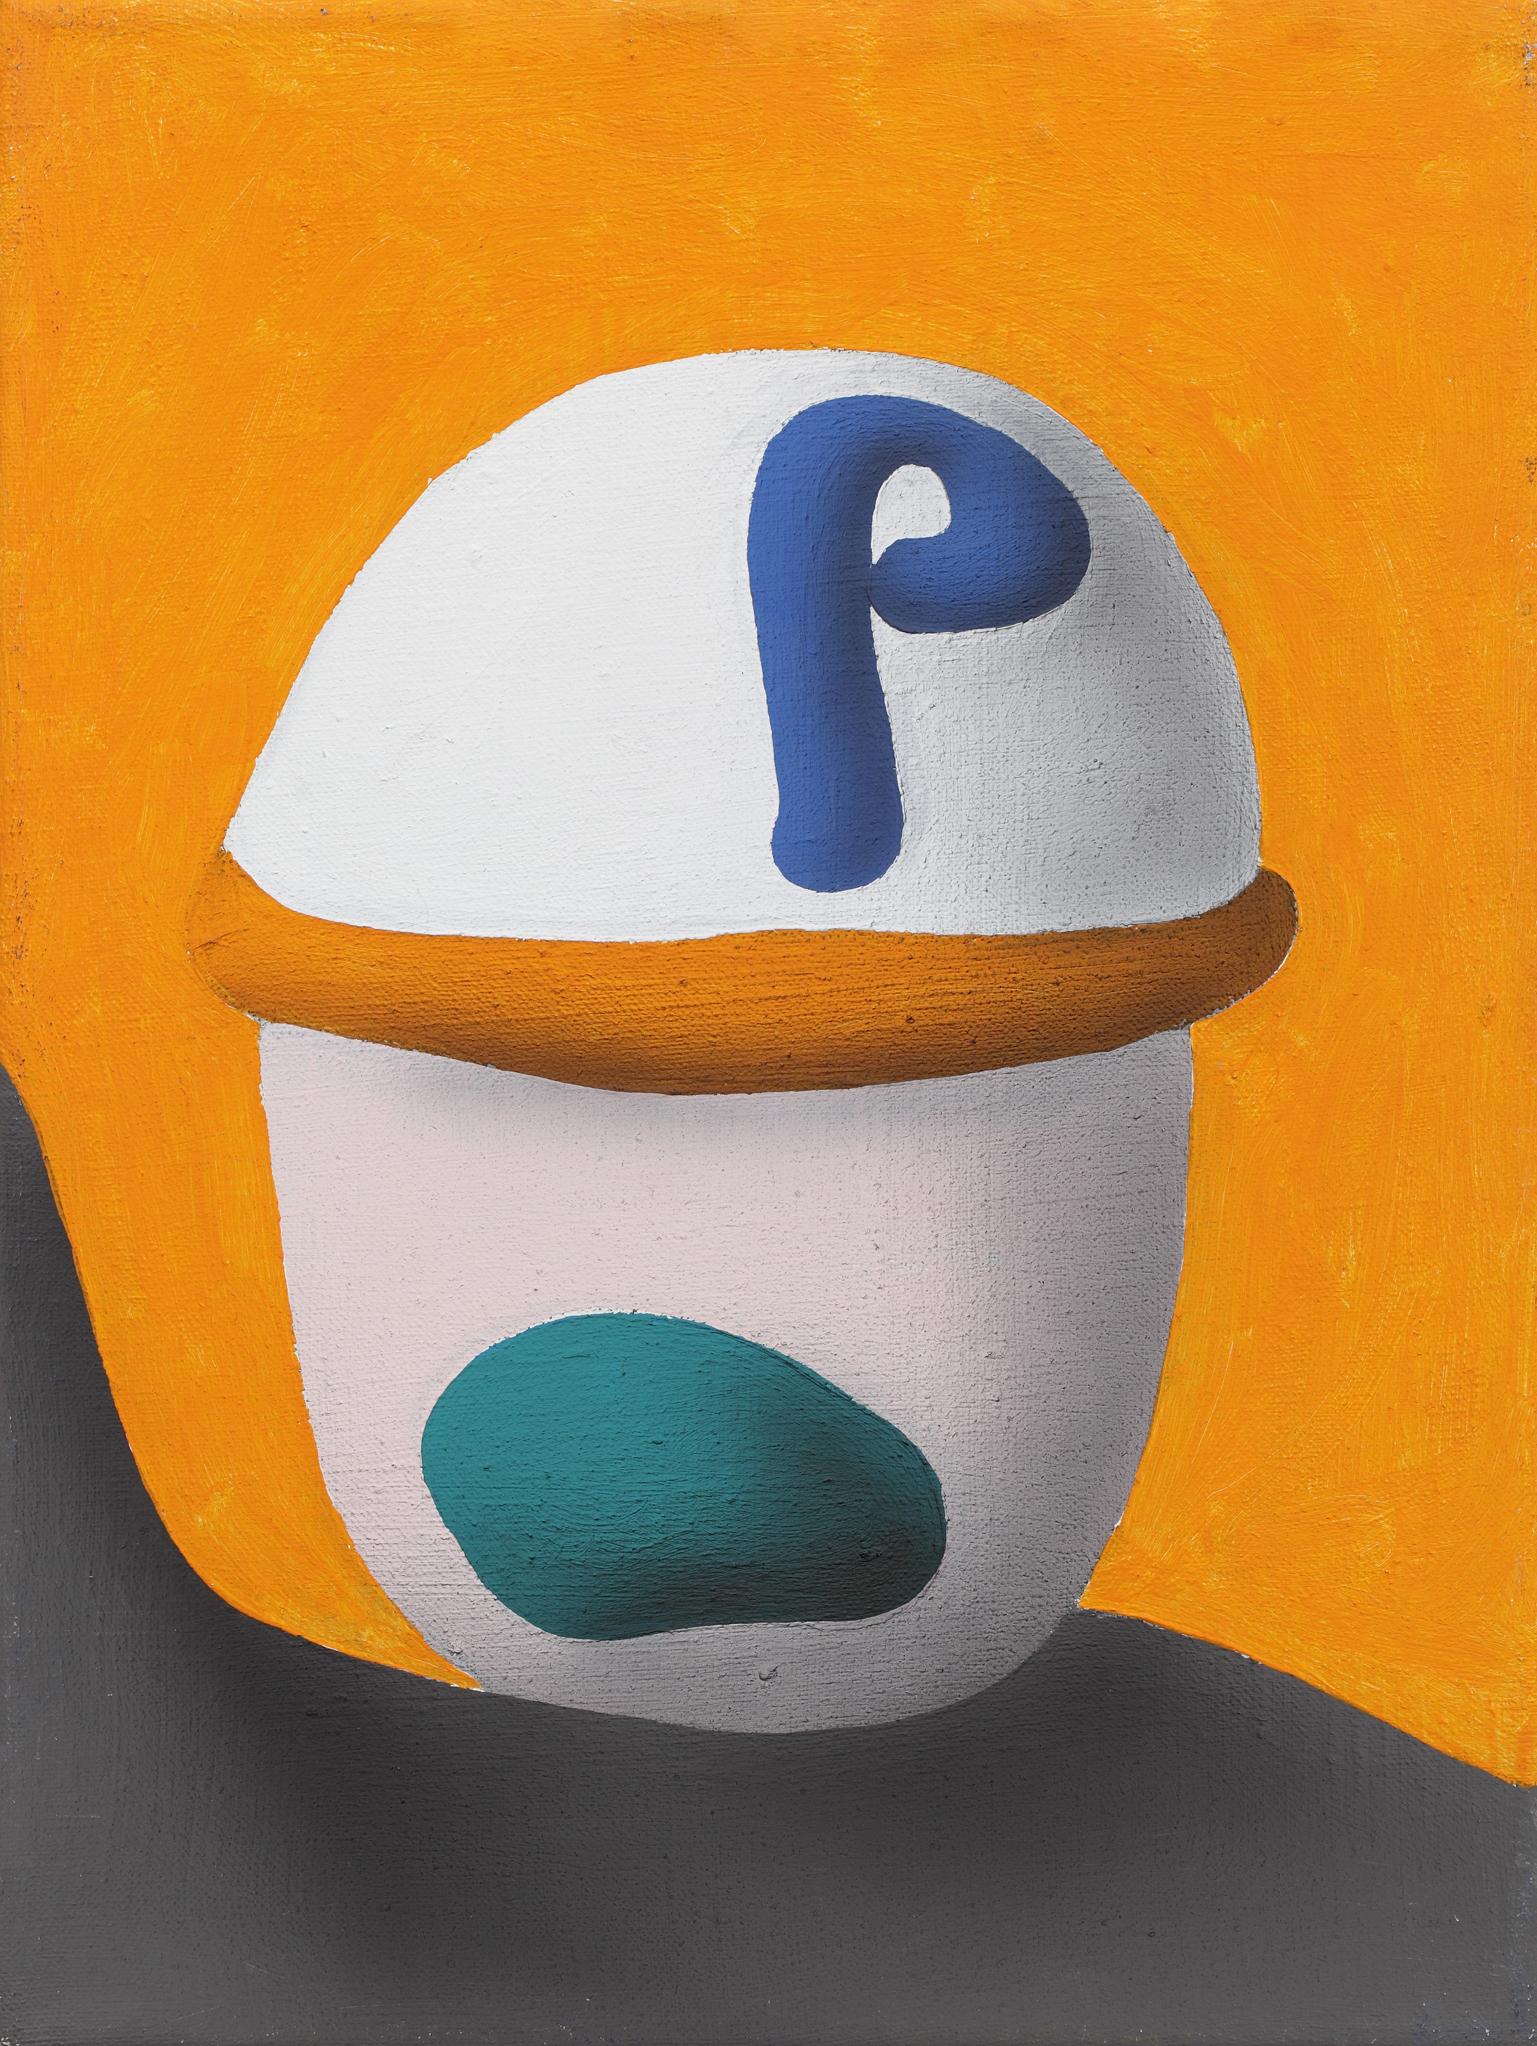 Kris Lou, 2004, acrylic on canvas, 40 x 30 cm